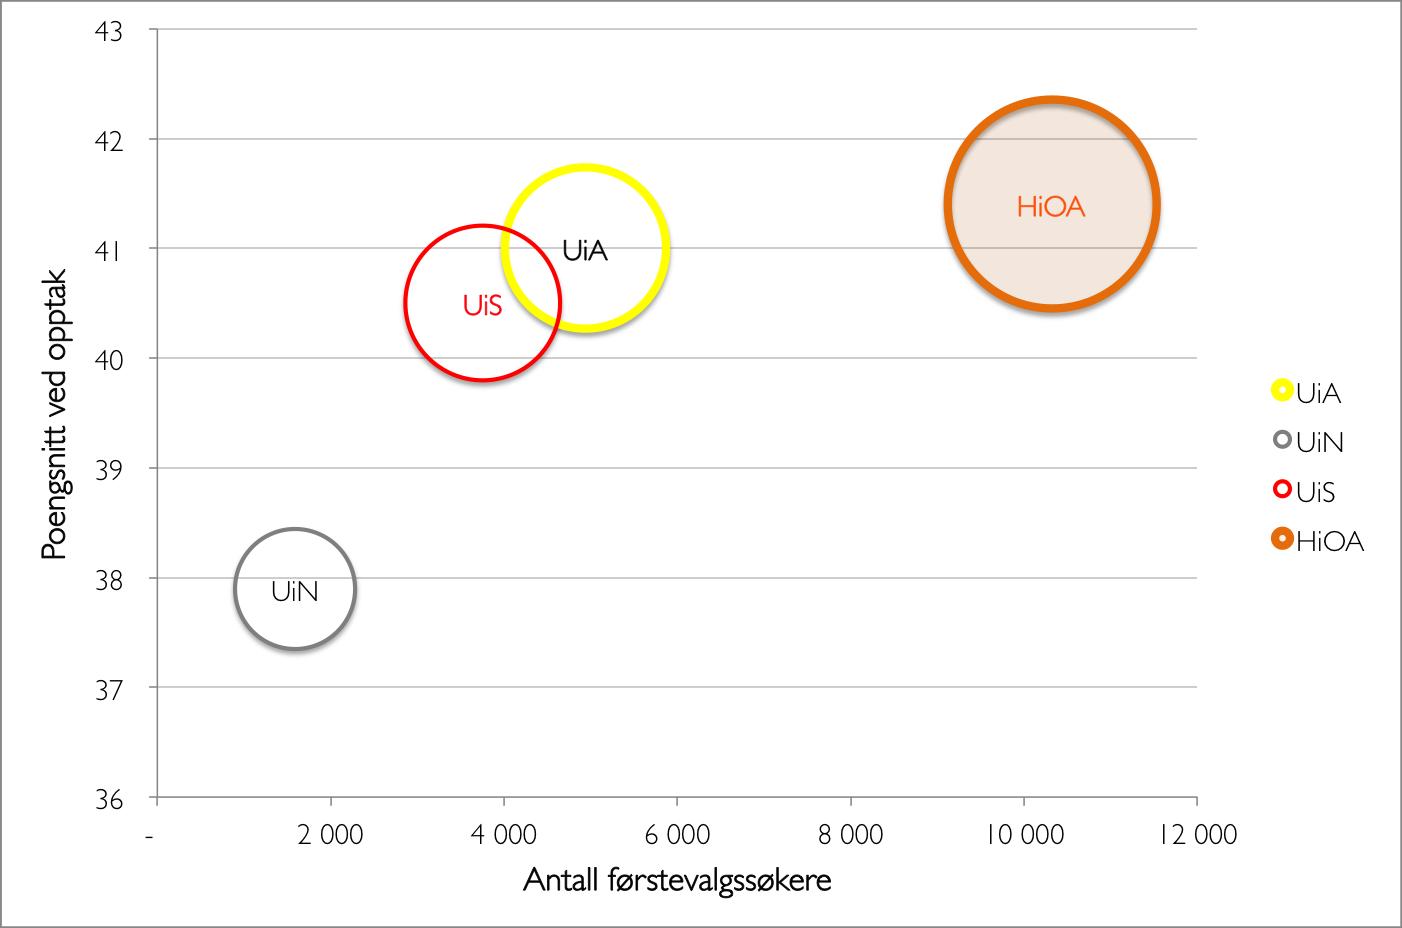 Poengsnitt vs førstevalgssøkere utvalg, zoom